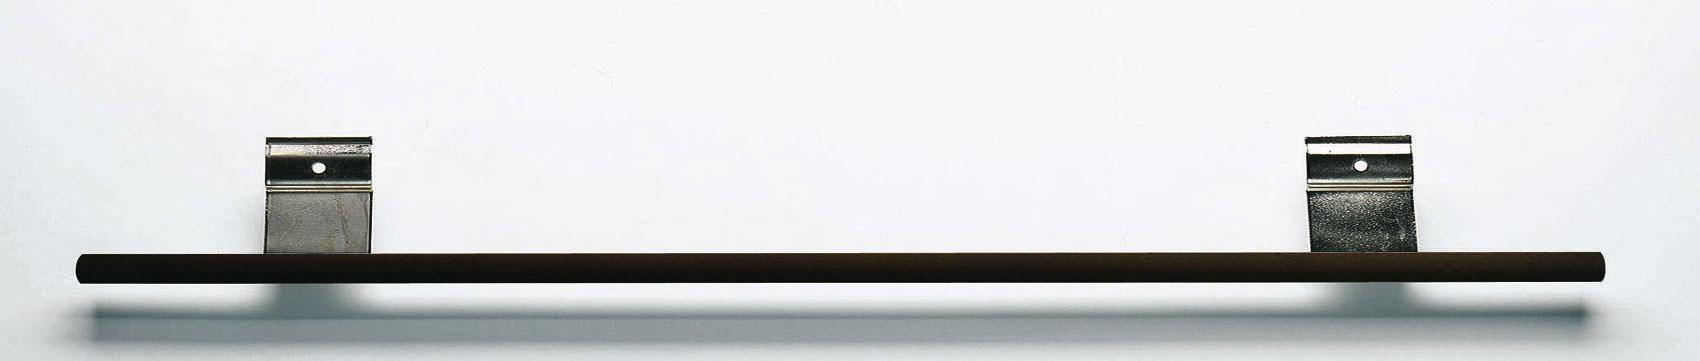 Herdstange für Wamsler Küchenherd K150/157/158 braun 485mm Bild 1